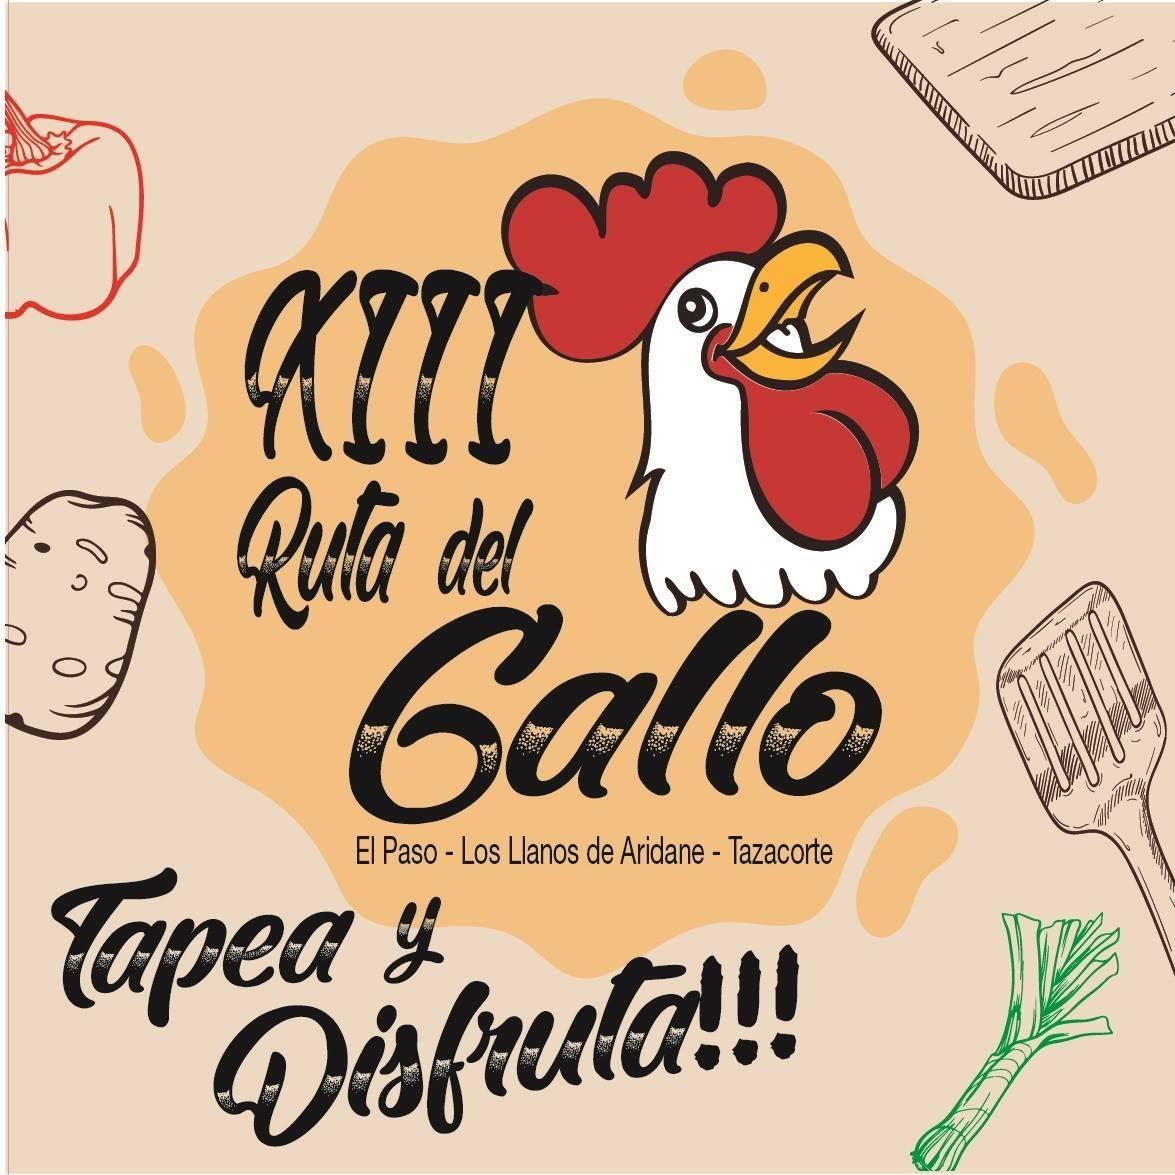 Besuchen Sie La Palma - Ruta del Gallo